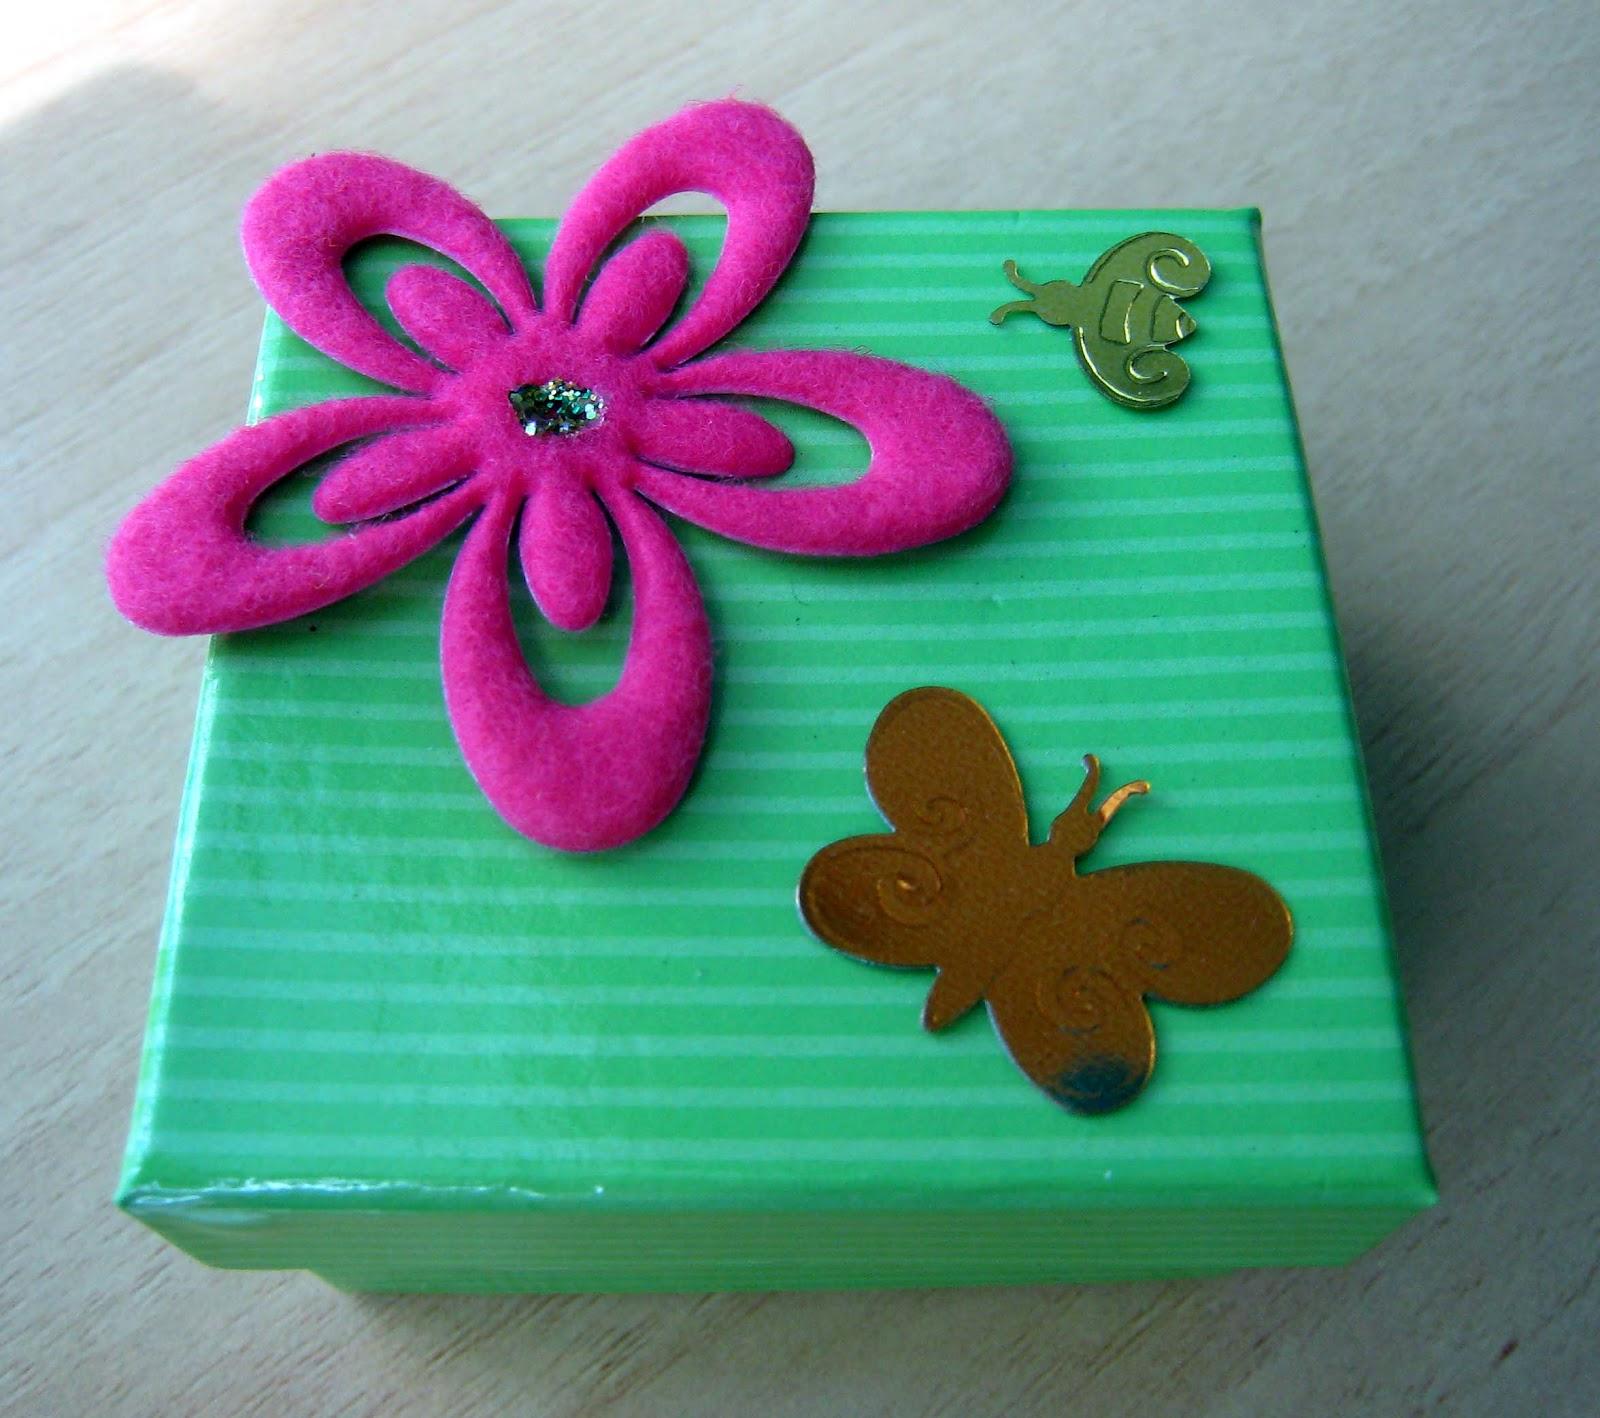 Manualidades y trucos mini cajas de cart n for Cajas de carton decoradas